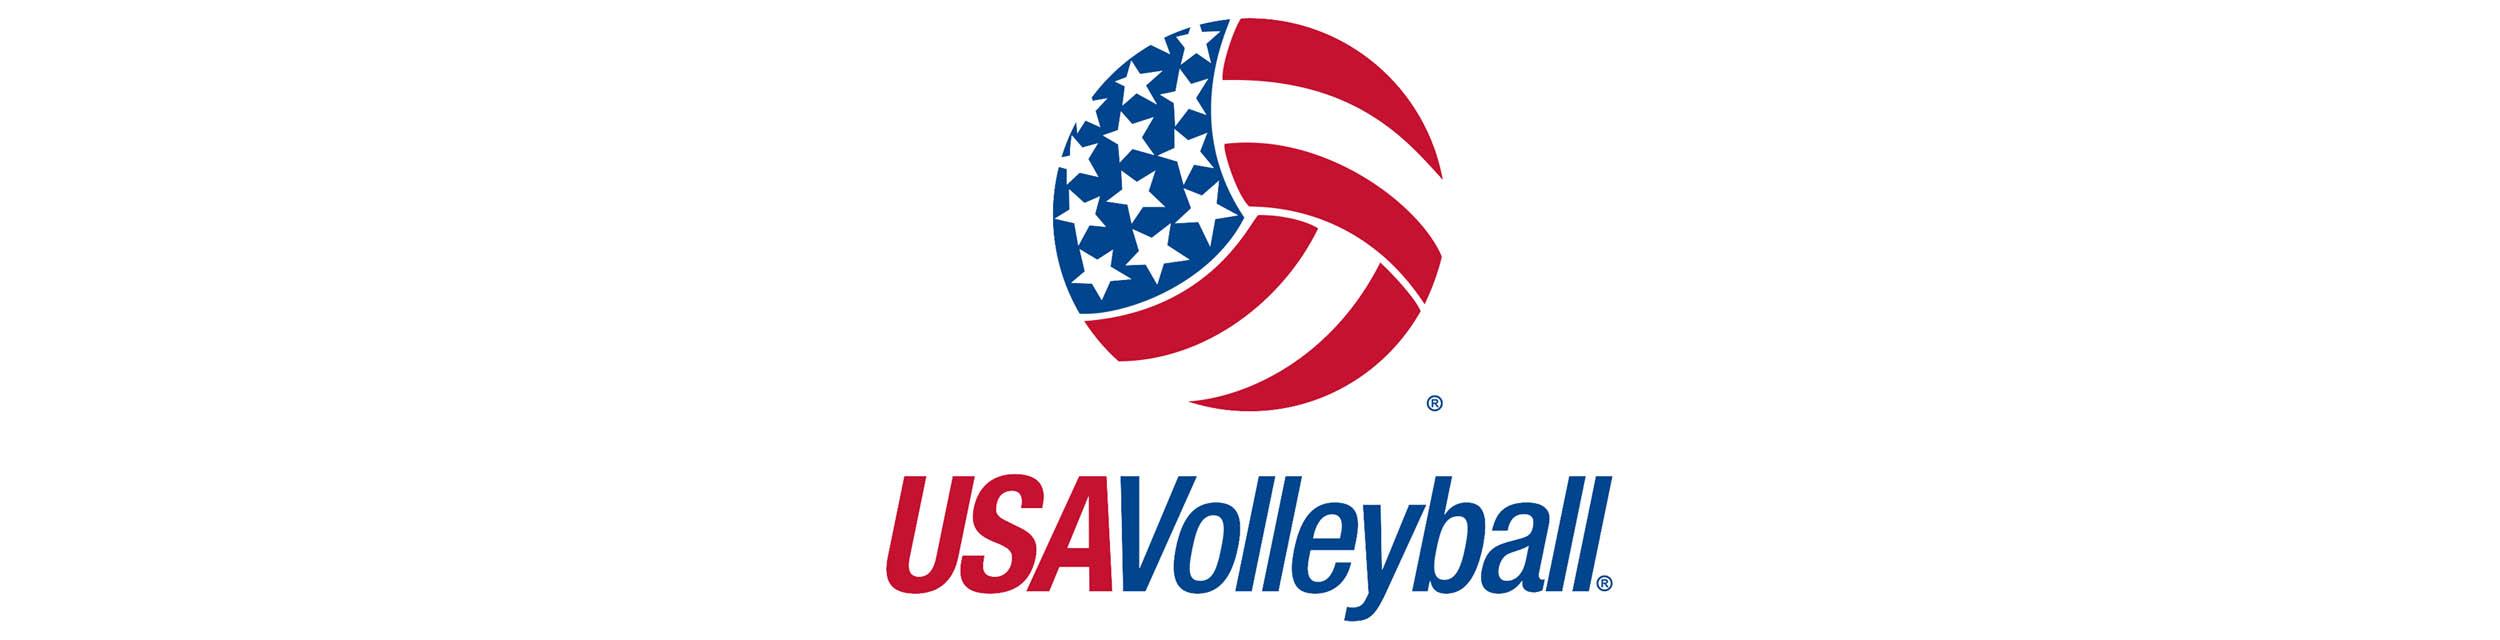 USA Volleyball parle d'un nouveau record de  transferts pour les joueurs américains à l'étranger